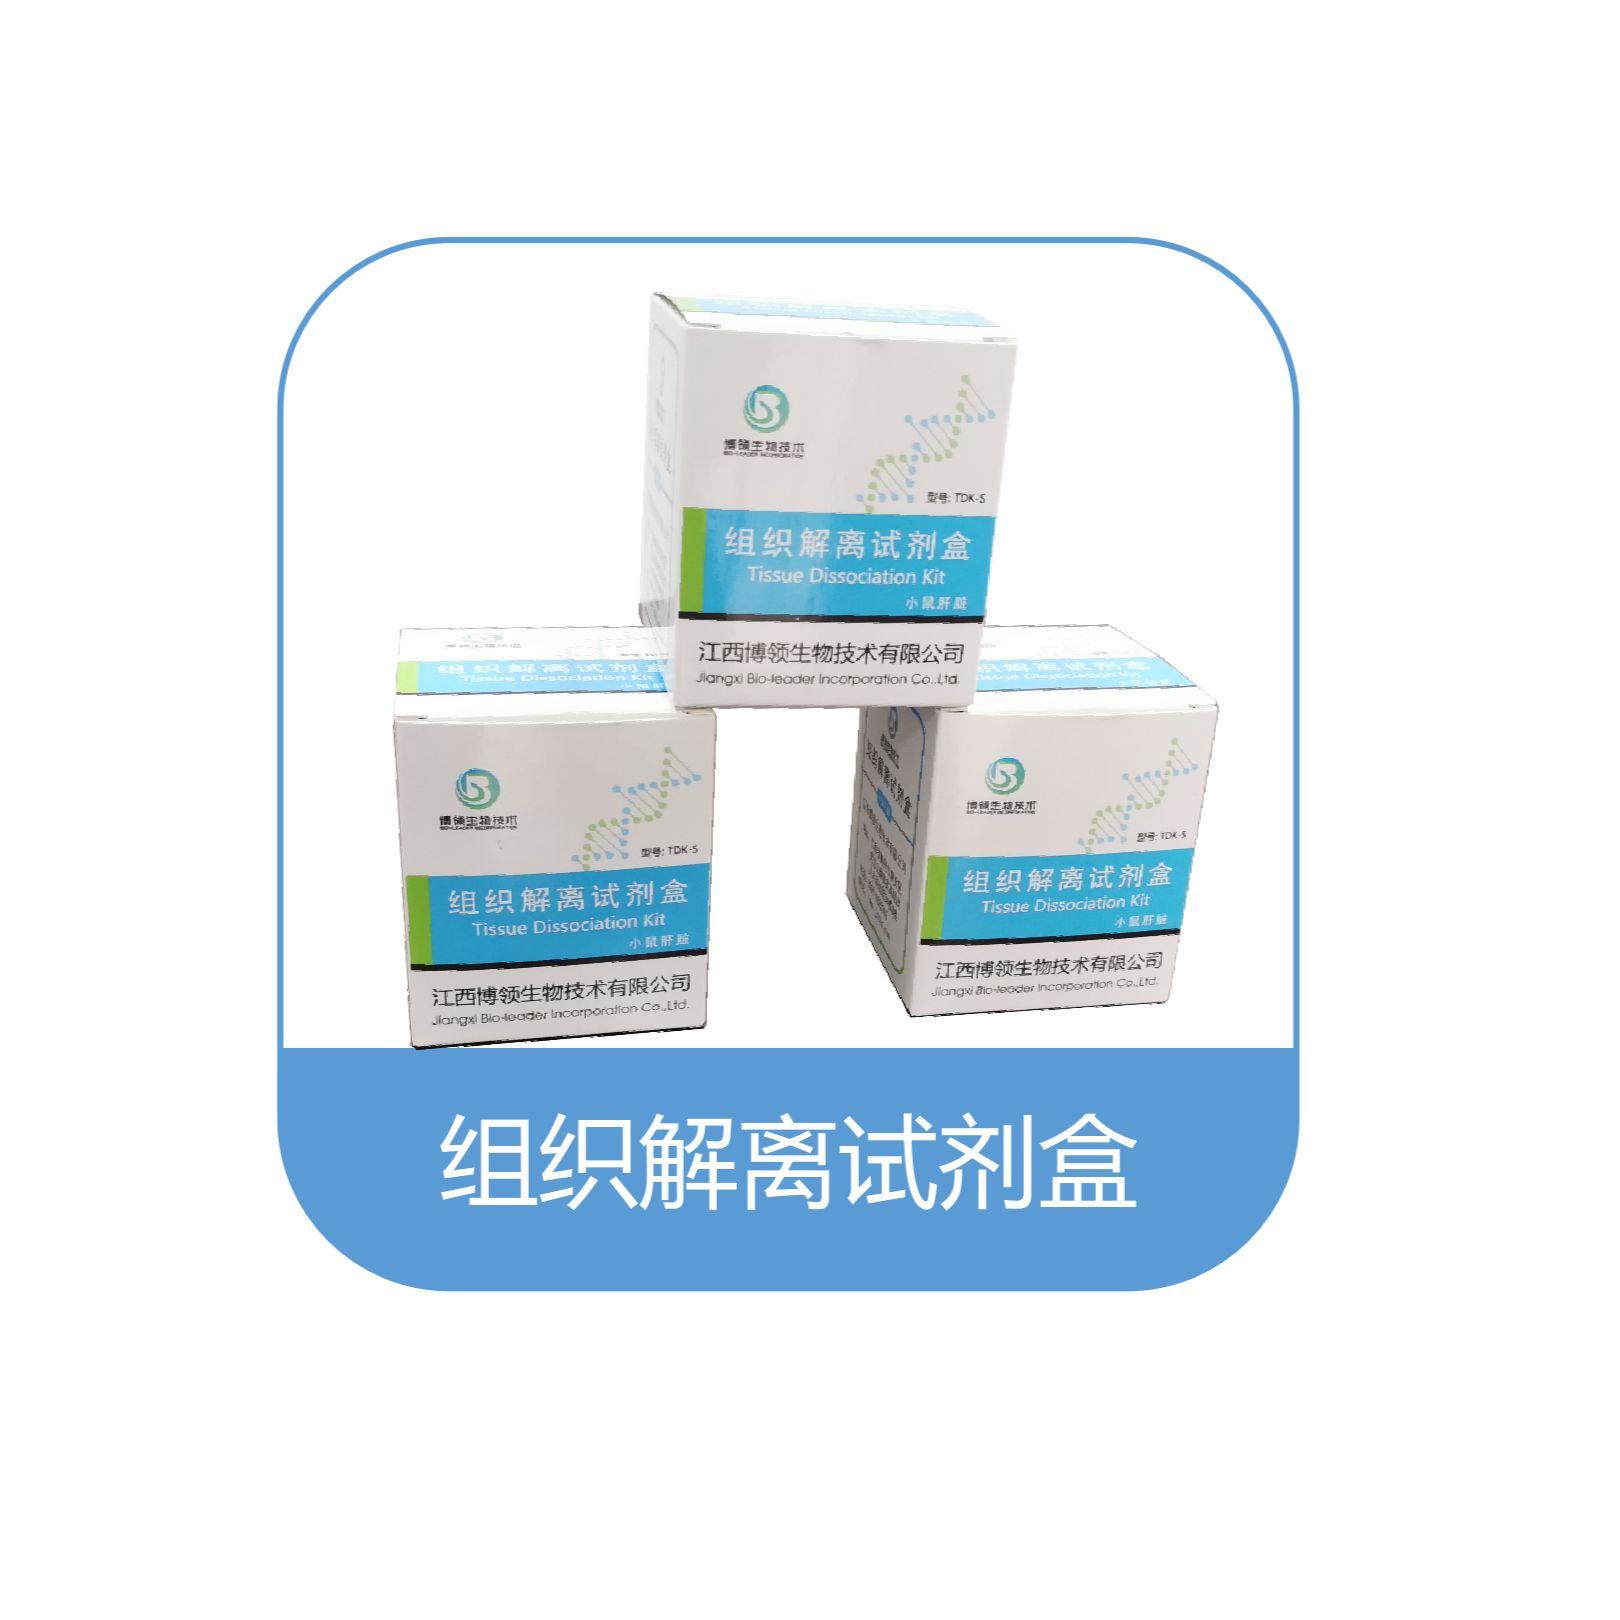 肾脏解离试剂盒